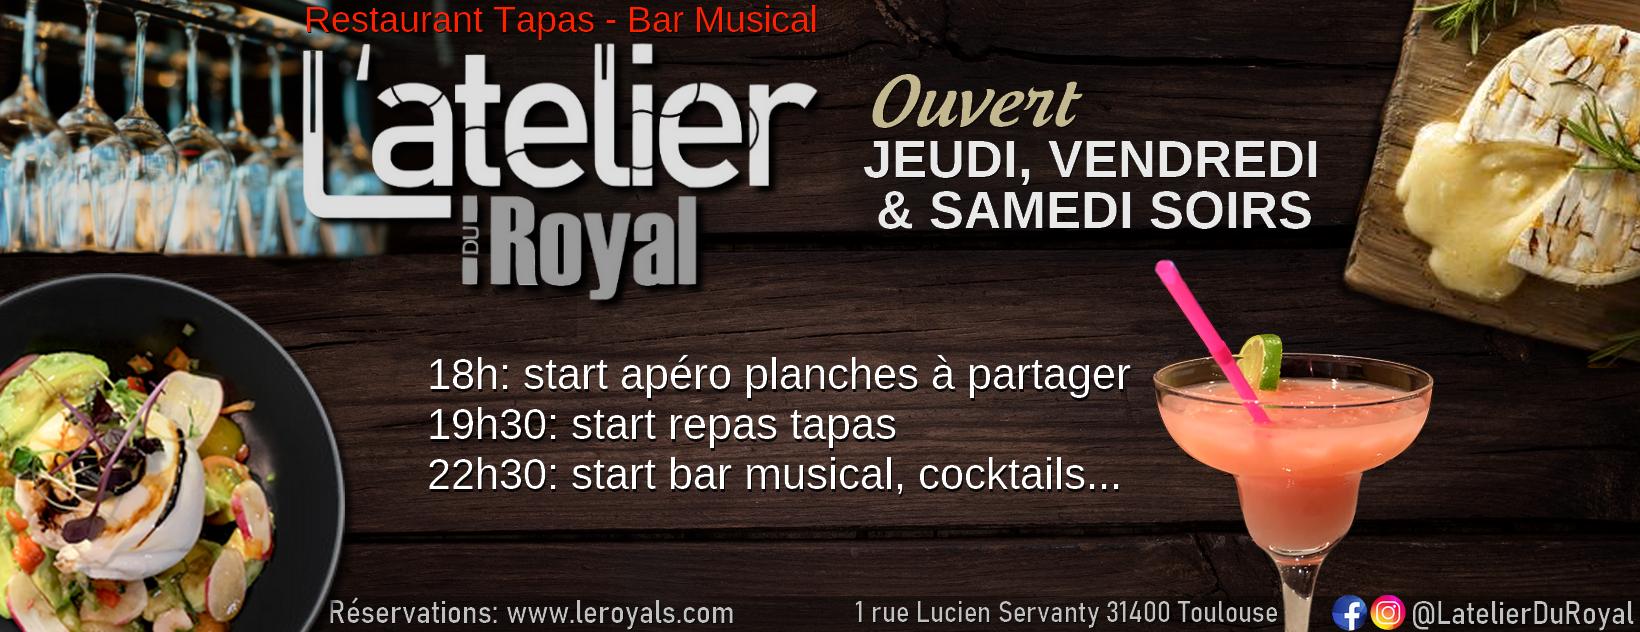 L'atelier du Royal - Restaurant Tapas Bar musical Toulouse